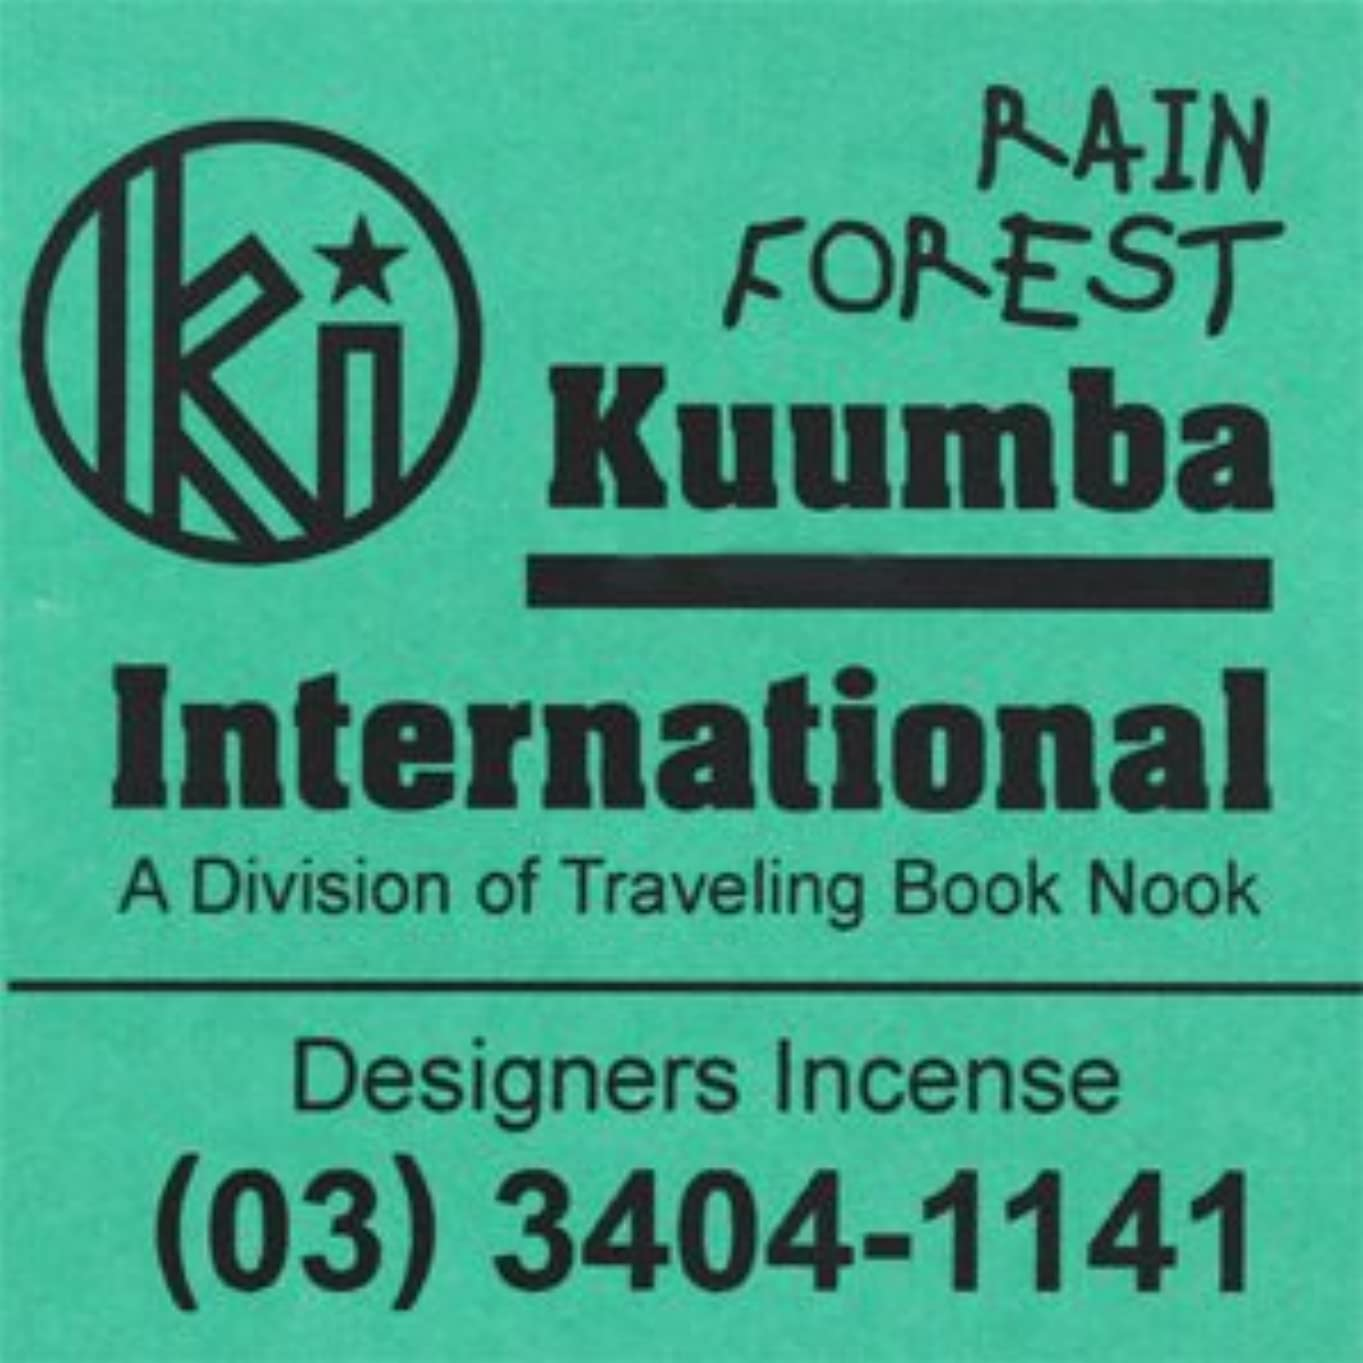 体現する暖かさ良さKUUMBA/クンバ『incense』(RAIN FOREST) (Regular size)